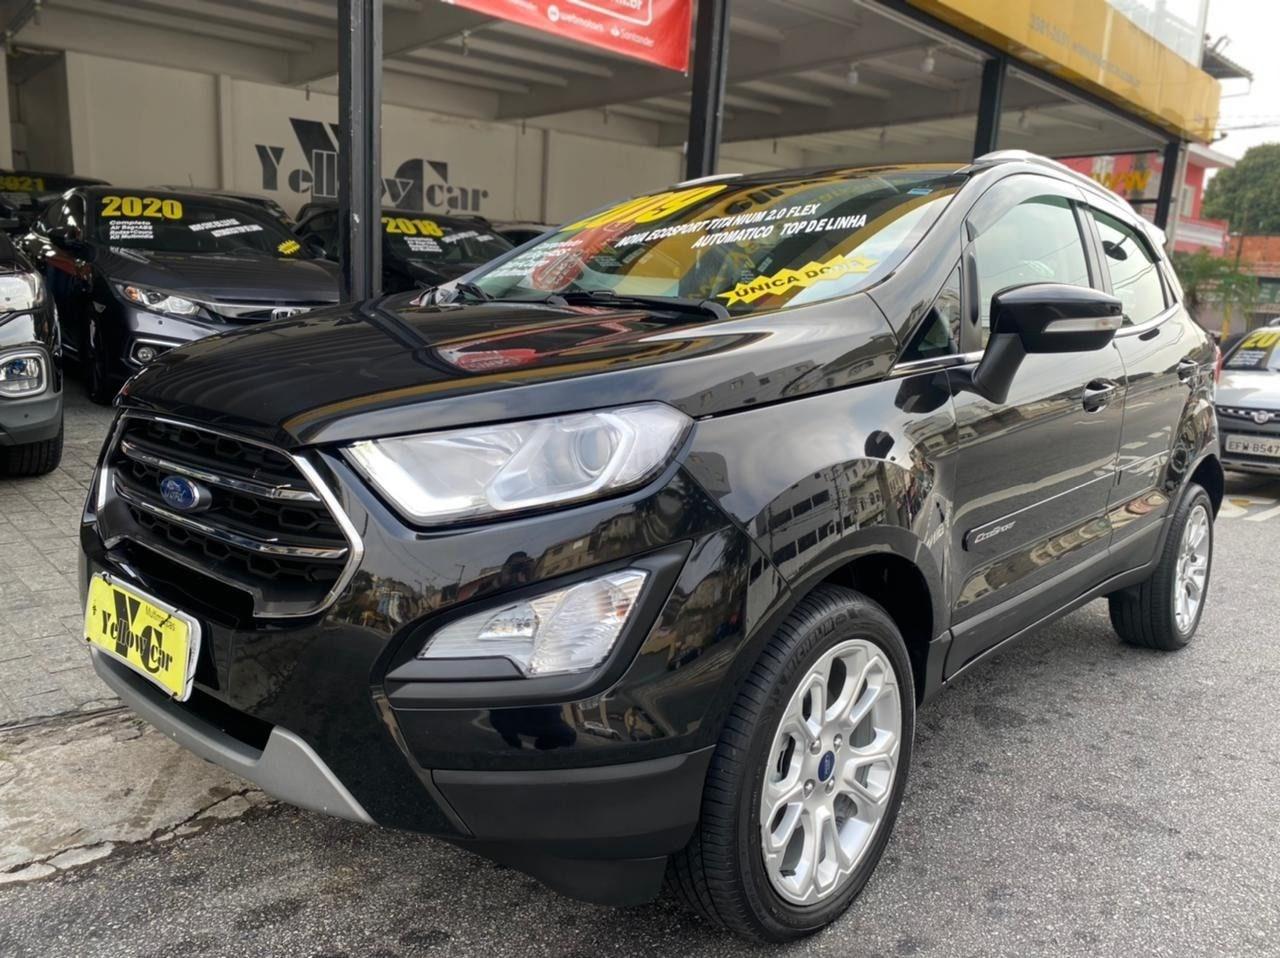 //www.autoline.com.br/carro/ford/ecosport-20-titanium-16v-flex-4p-automatico/2019/sao-paulo-sp/14657392